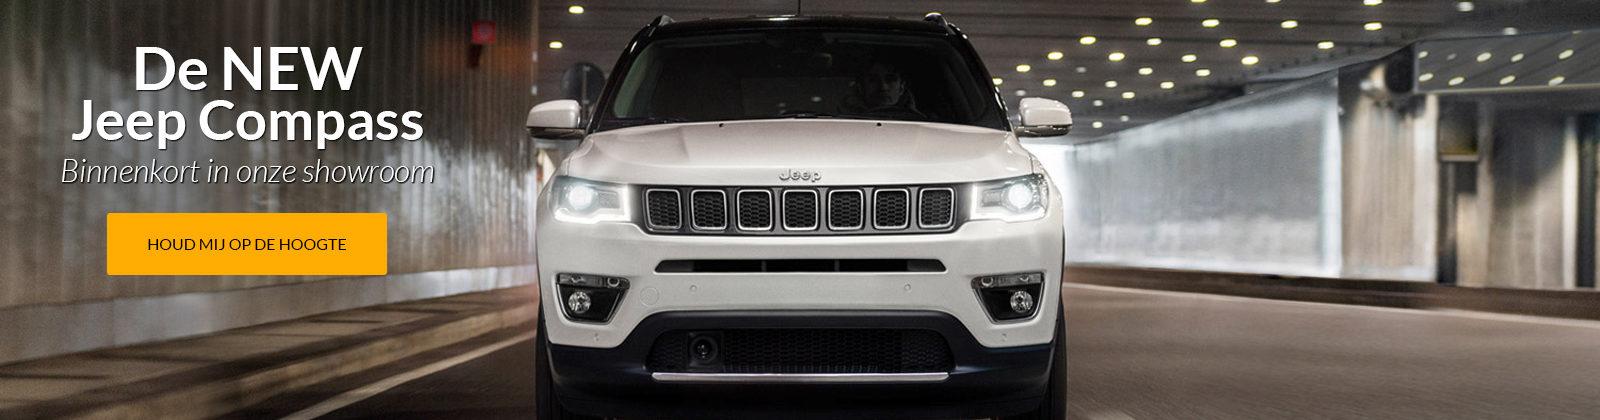 De NEW Jeep Compass! Binnenkort in onze showroom